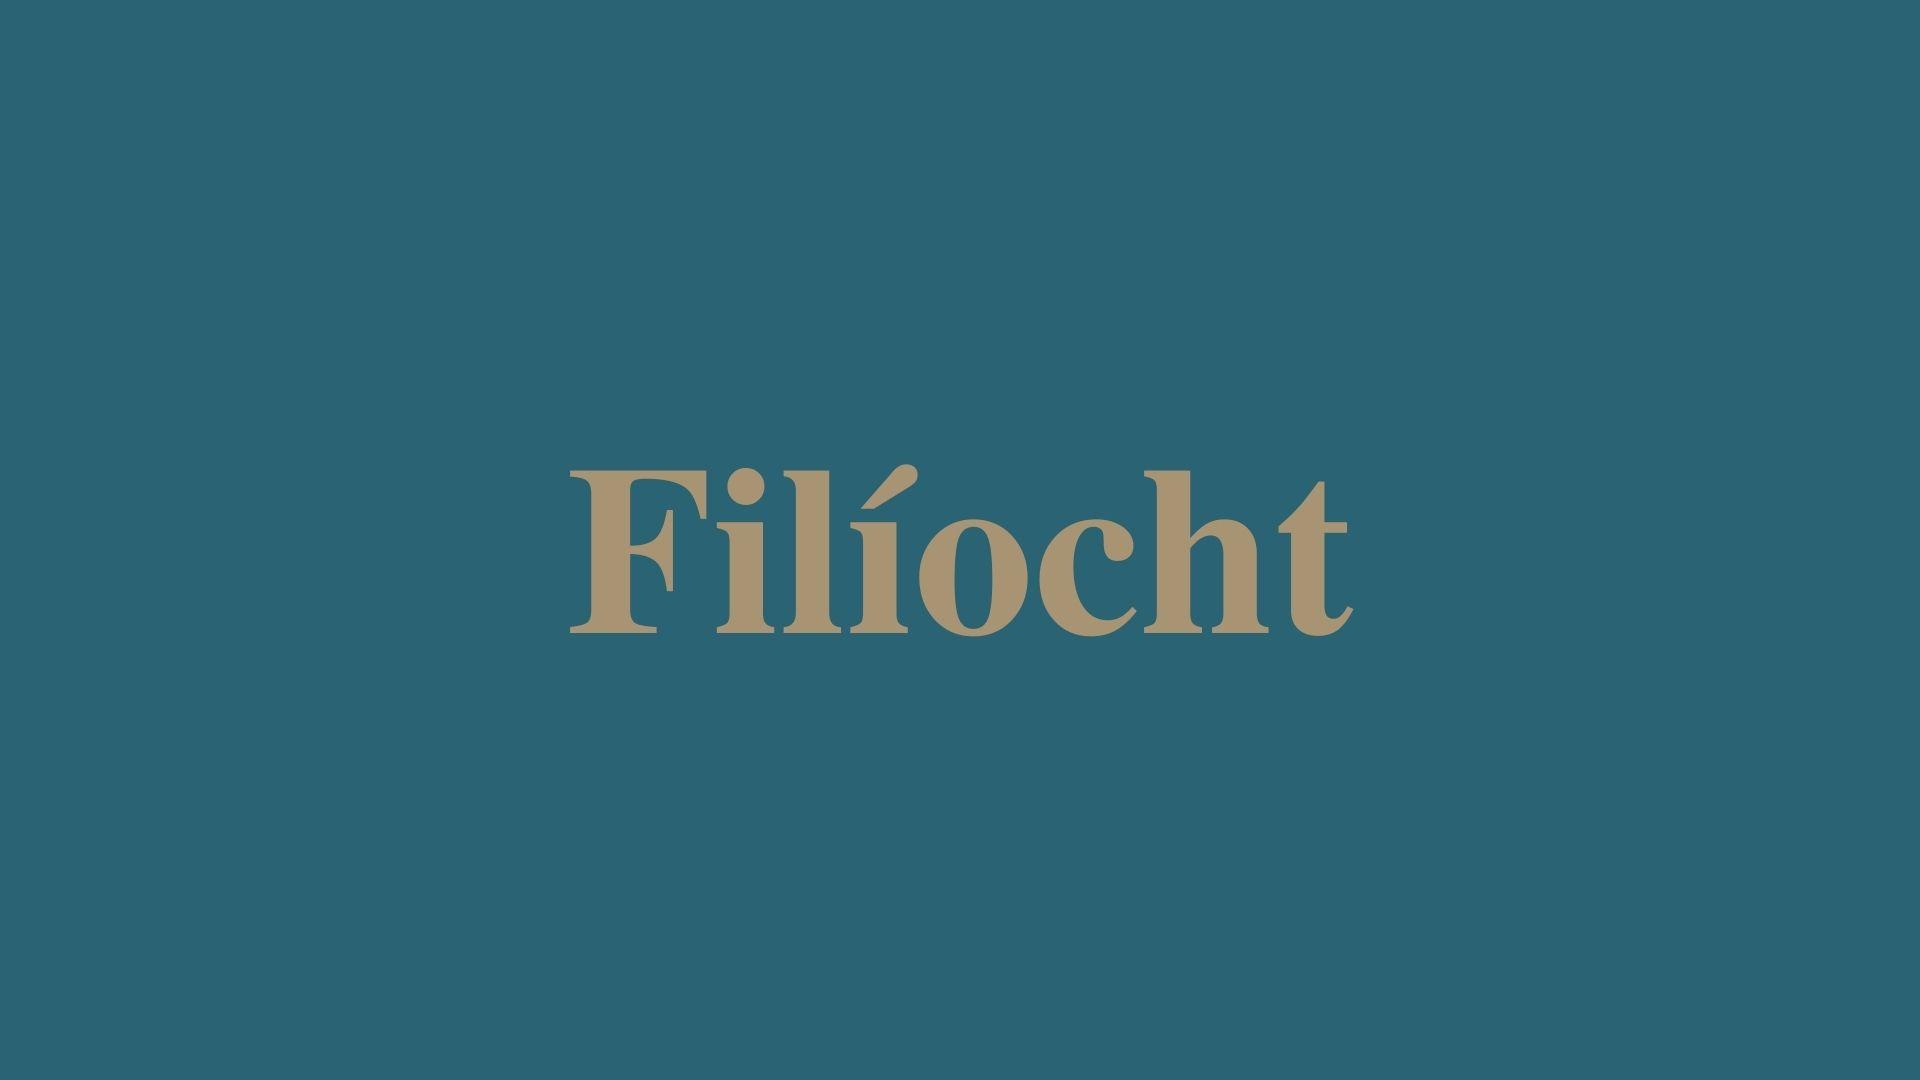 Filíocht